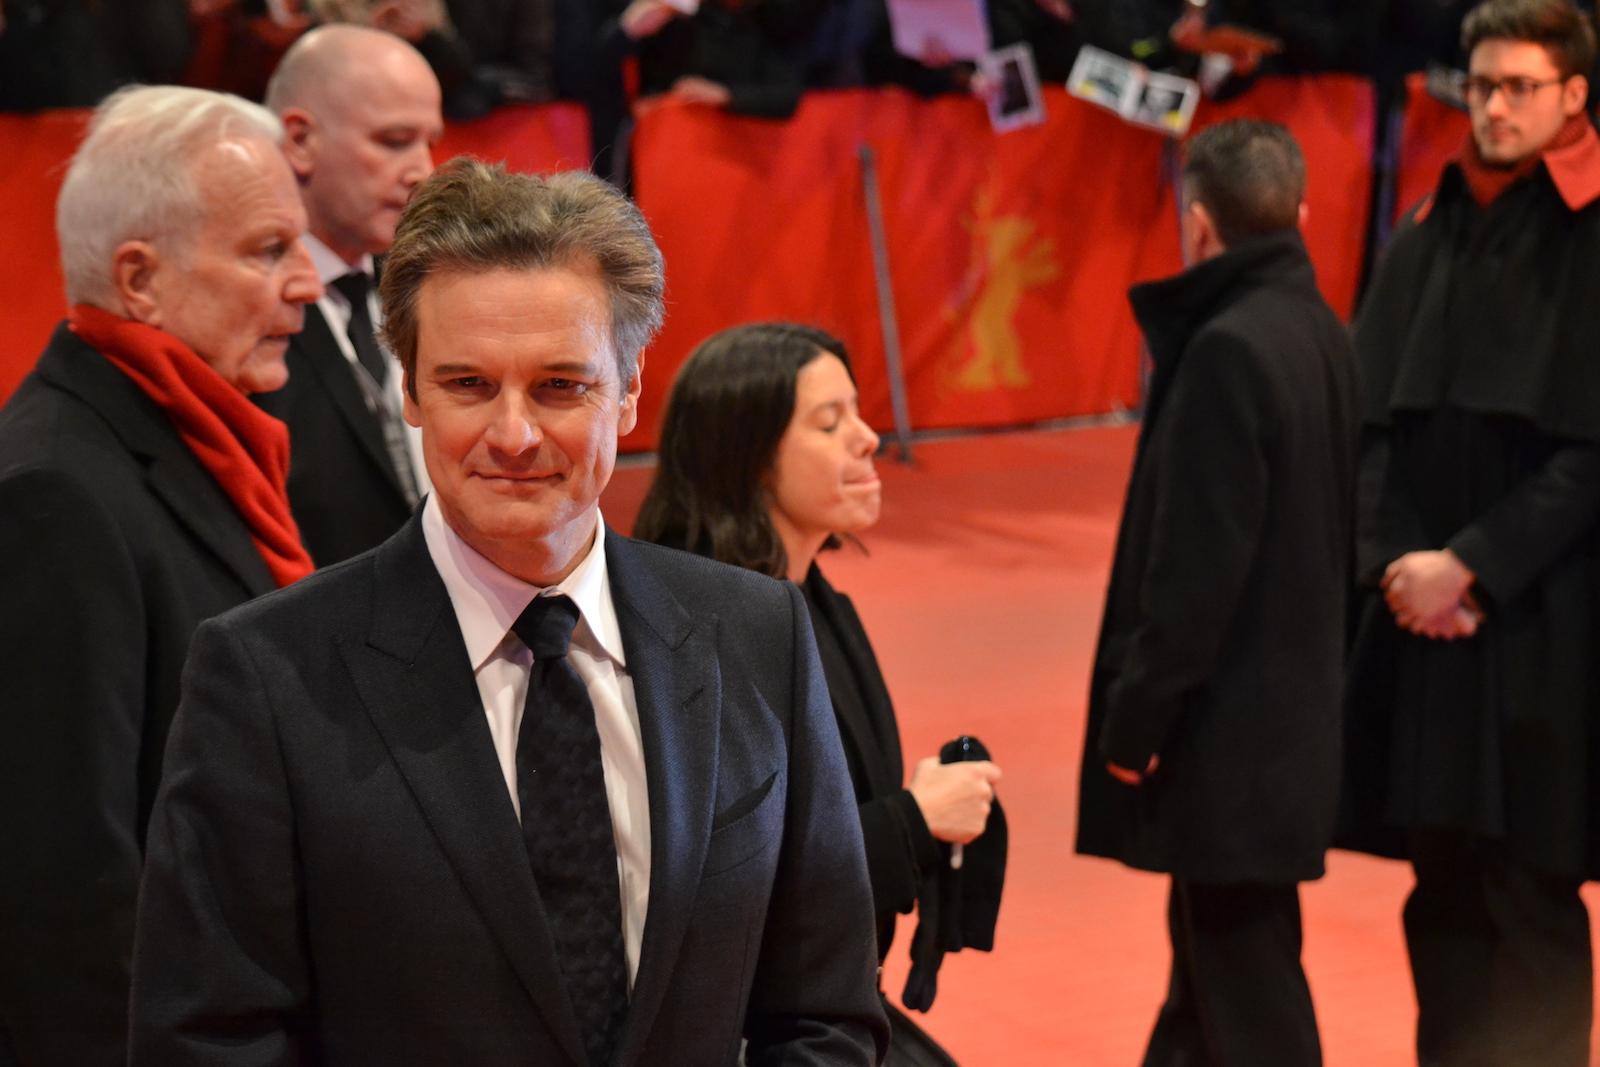 Berlino 2016: Colin Firth in uno scatto sul red carpet di Genius